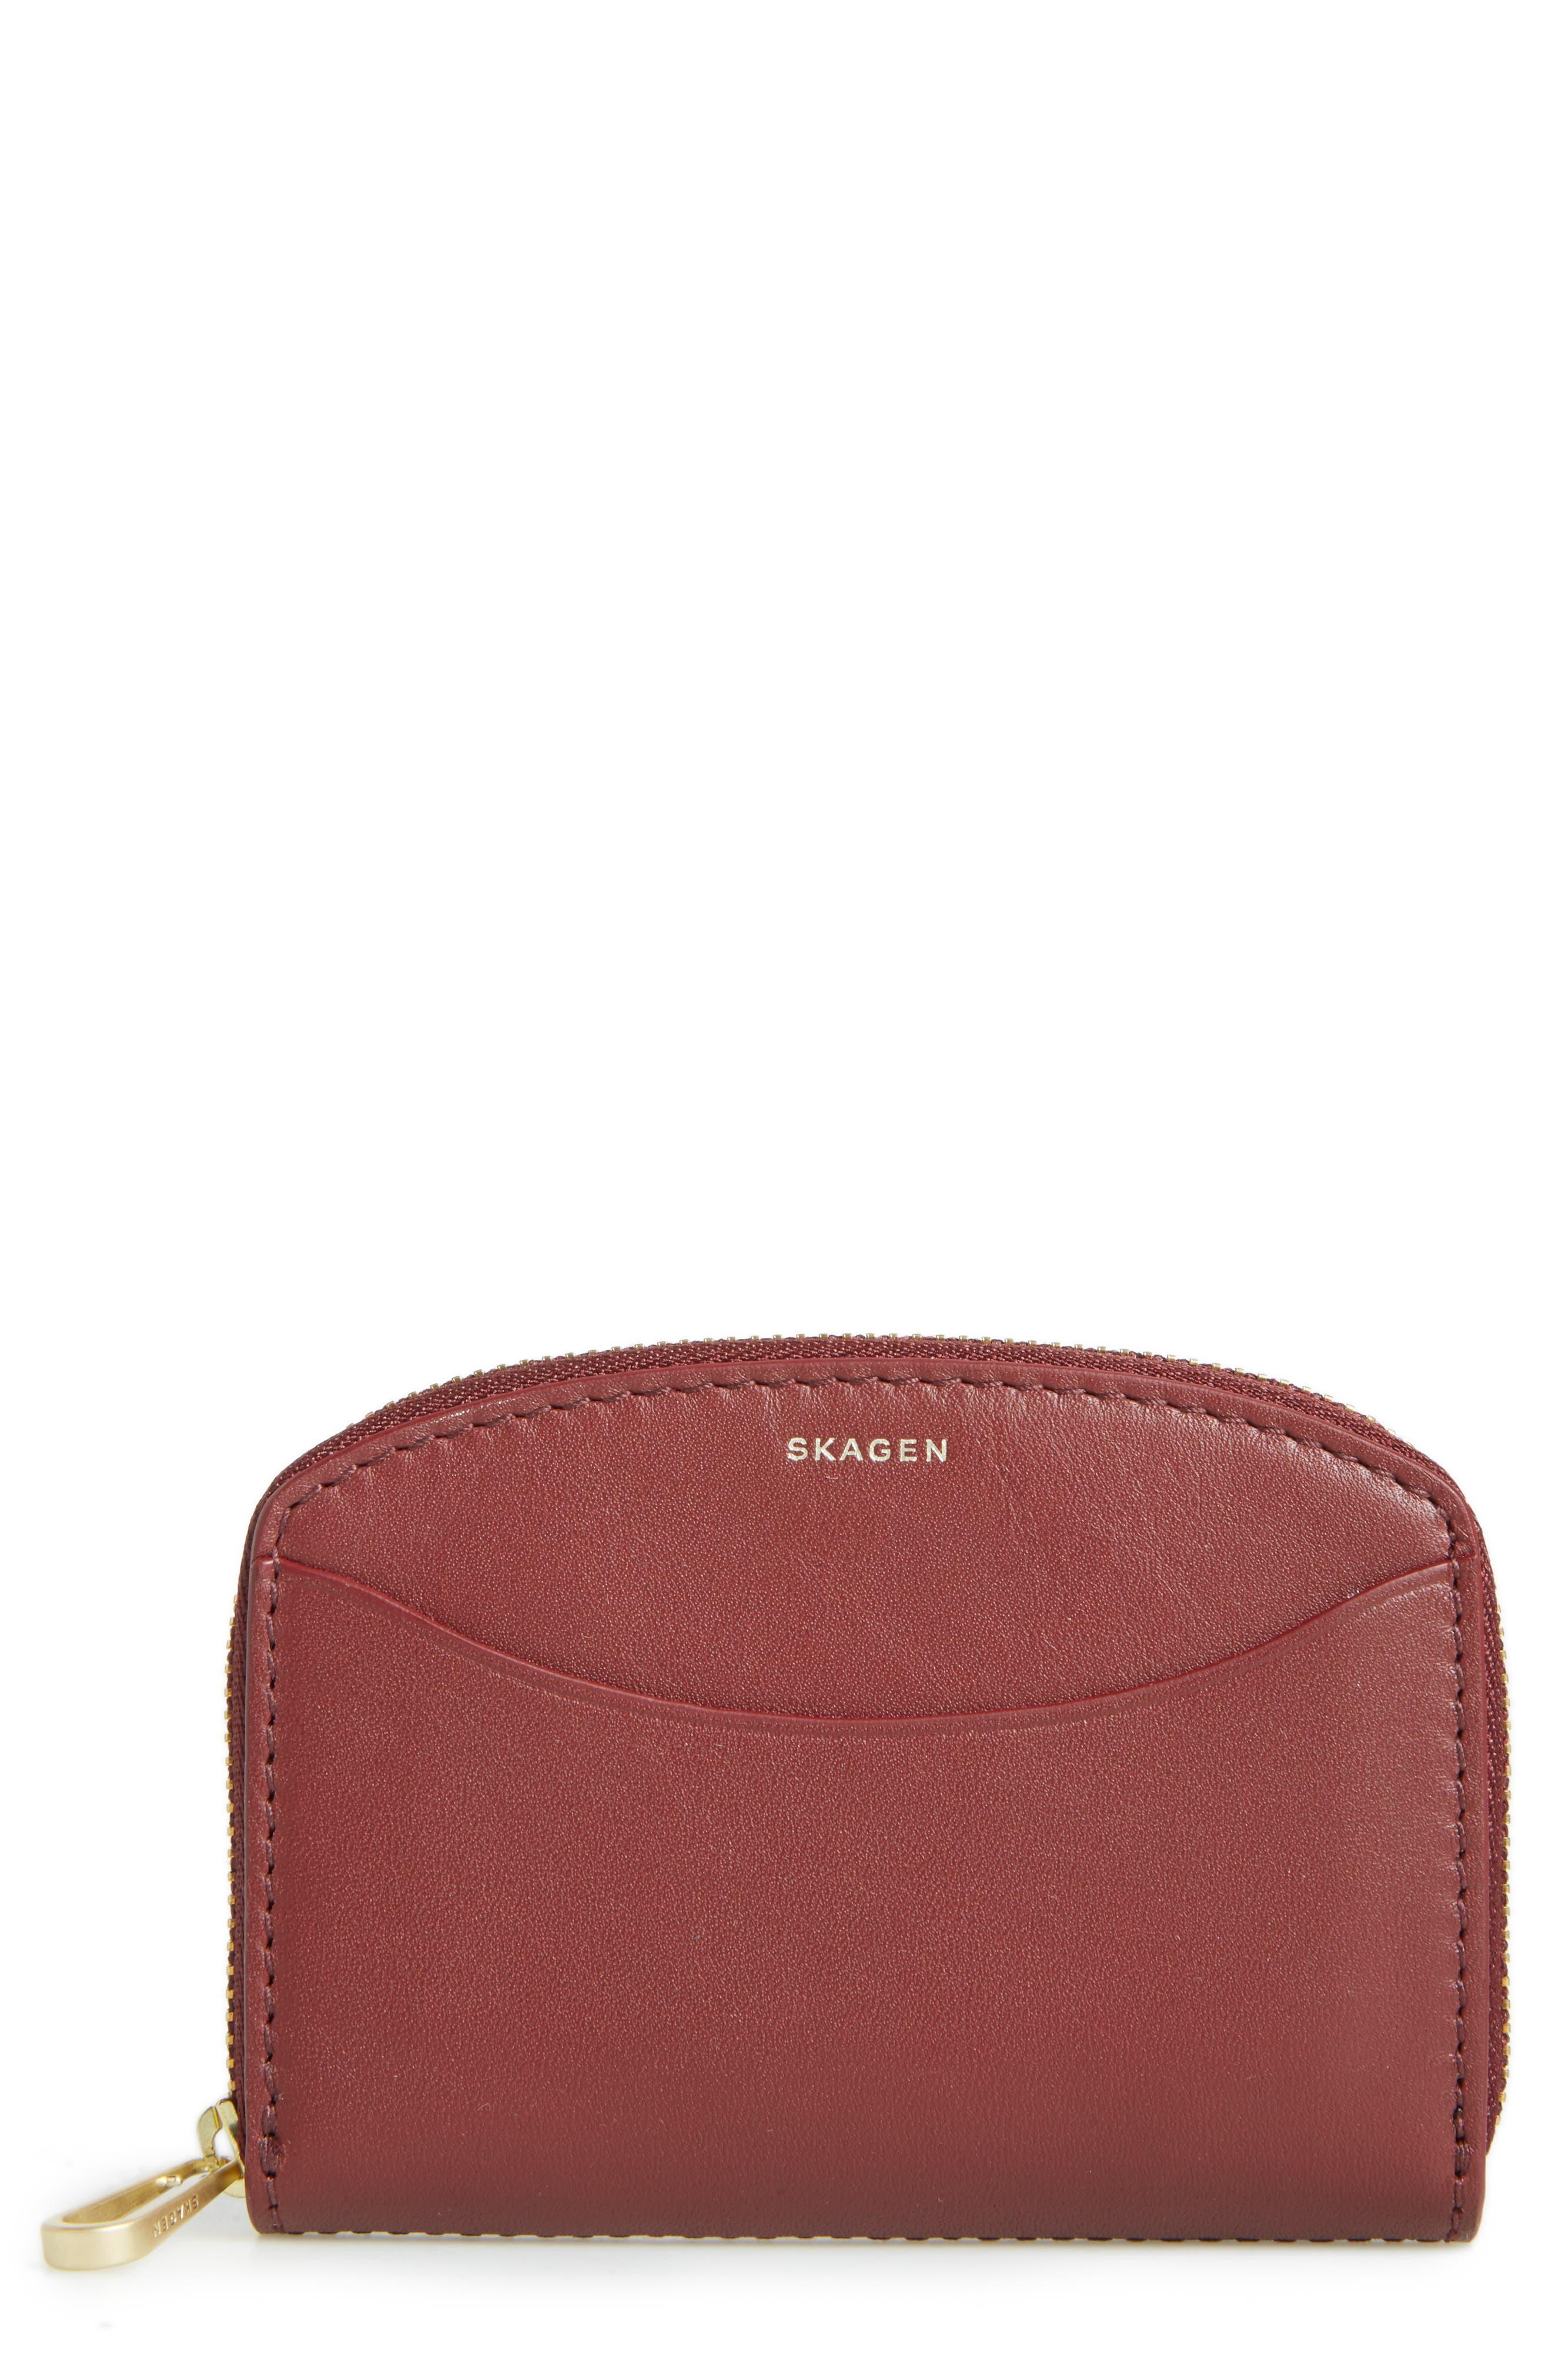 Main Image - Skagen Zip Leather Coin Wallet